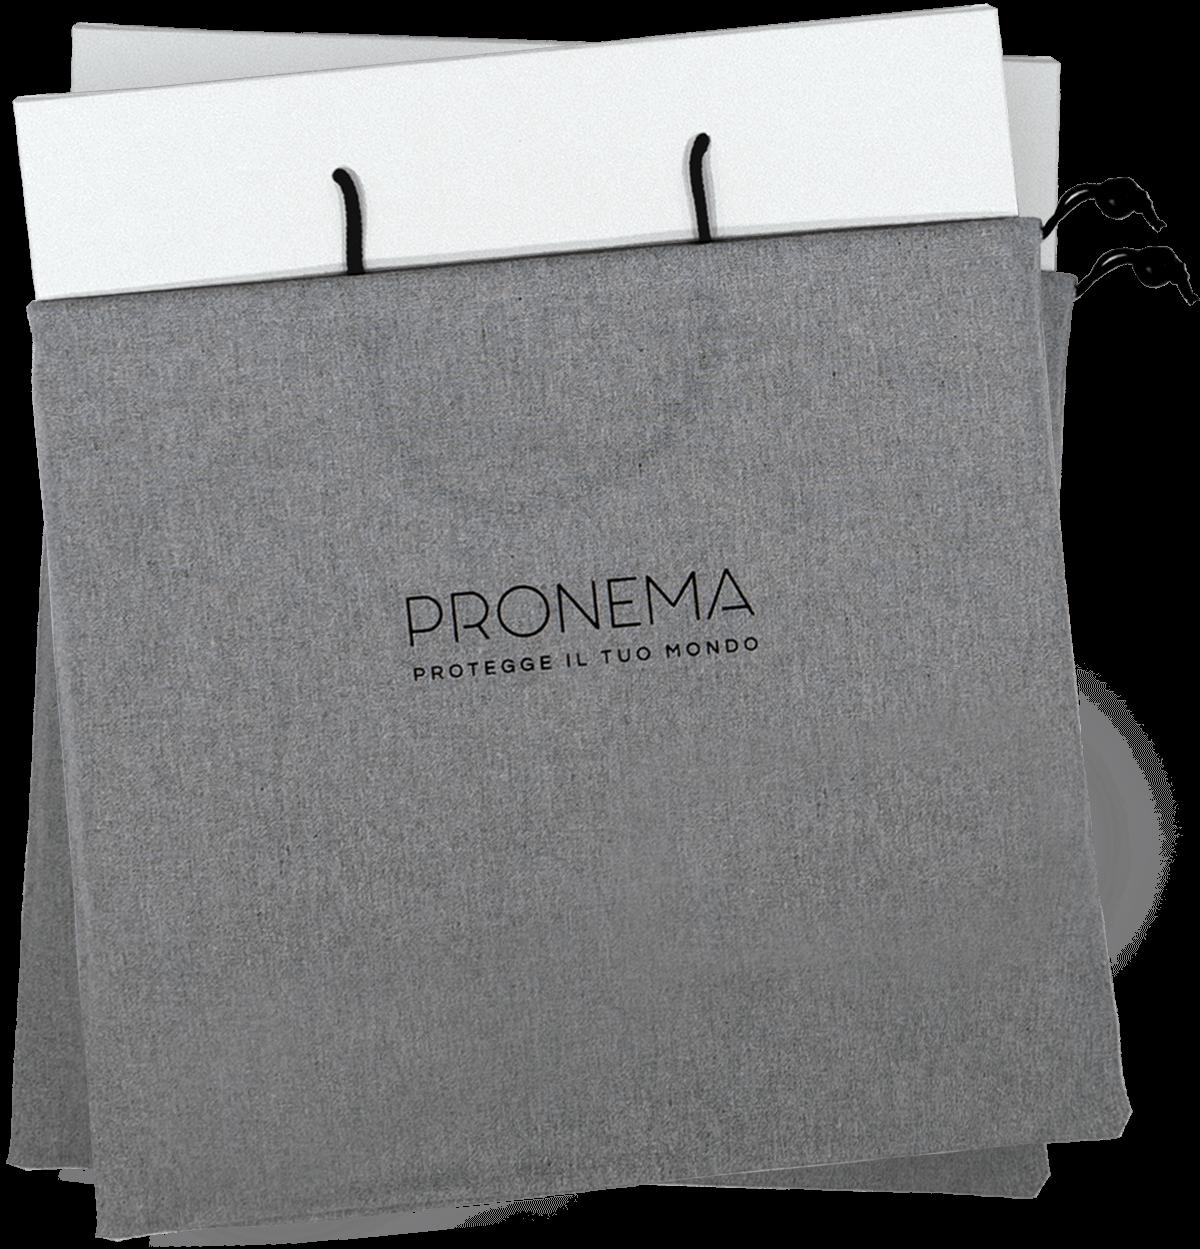 Tessuti per tende a rullo Pronema - Fly & One